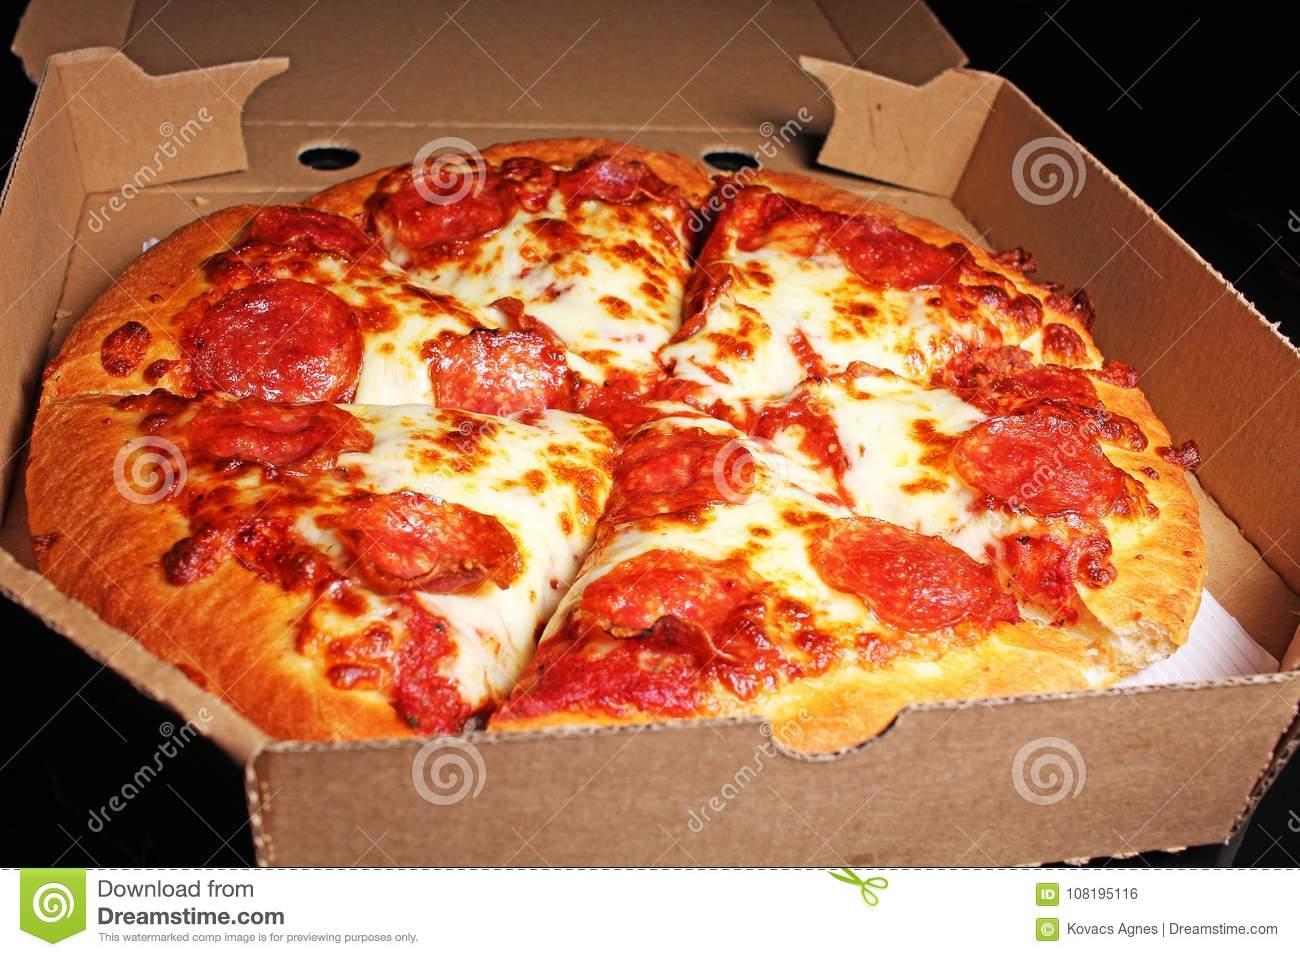 Un ragazzo che consegna pizze capisce che in una casa c'è qualcosa che non va e interviene salvando una donna